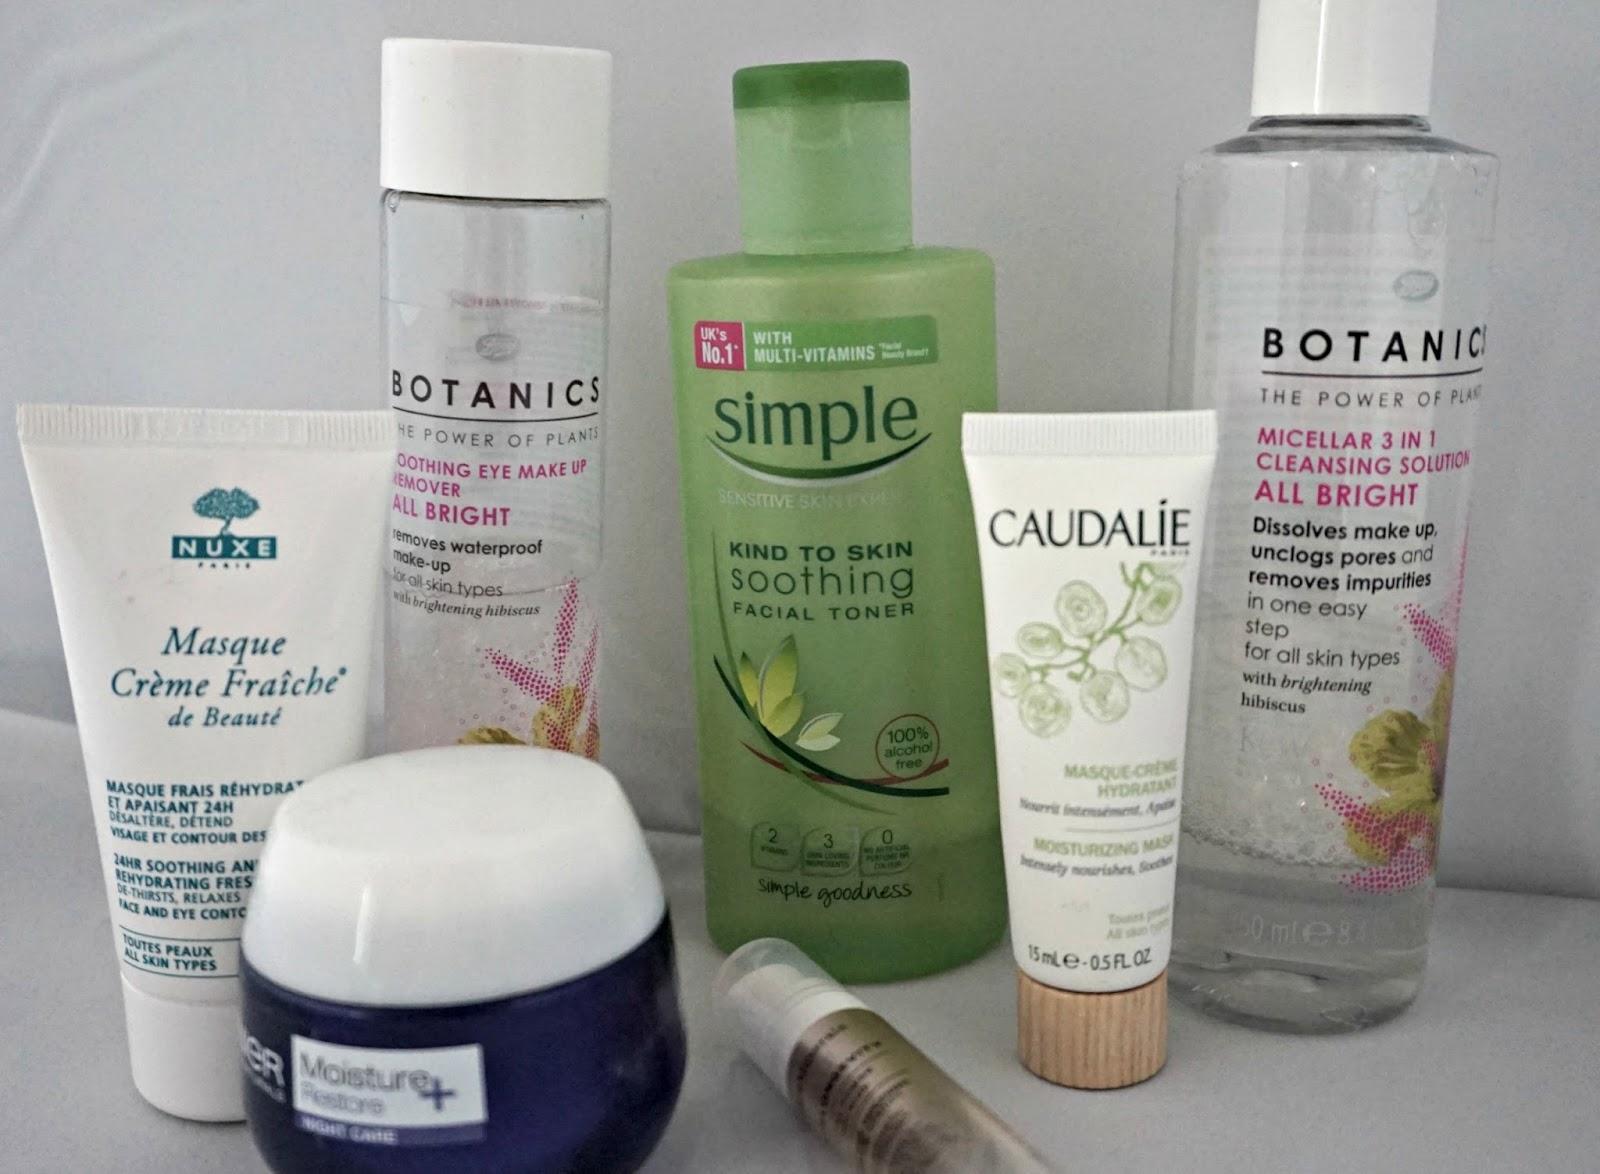 Botanics soothing eye makeup remover